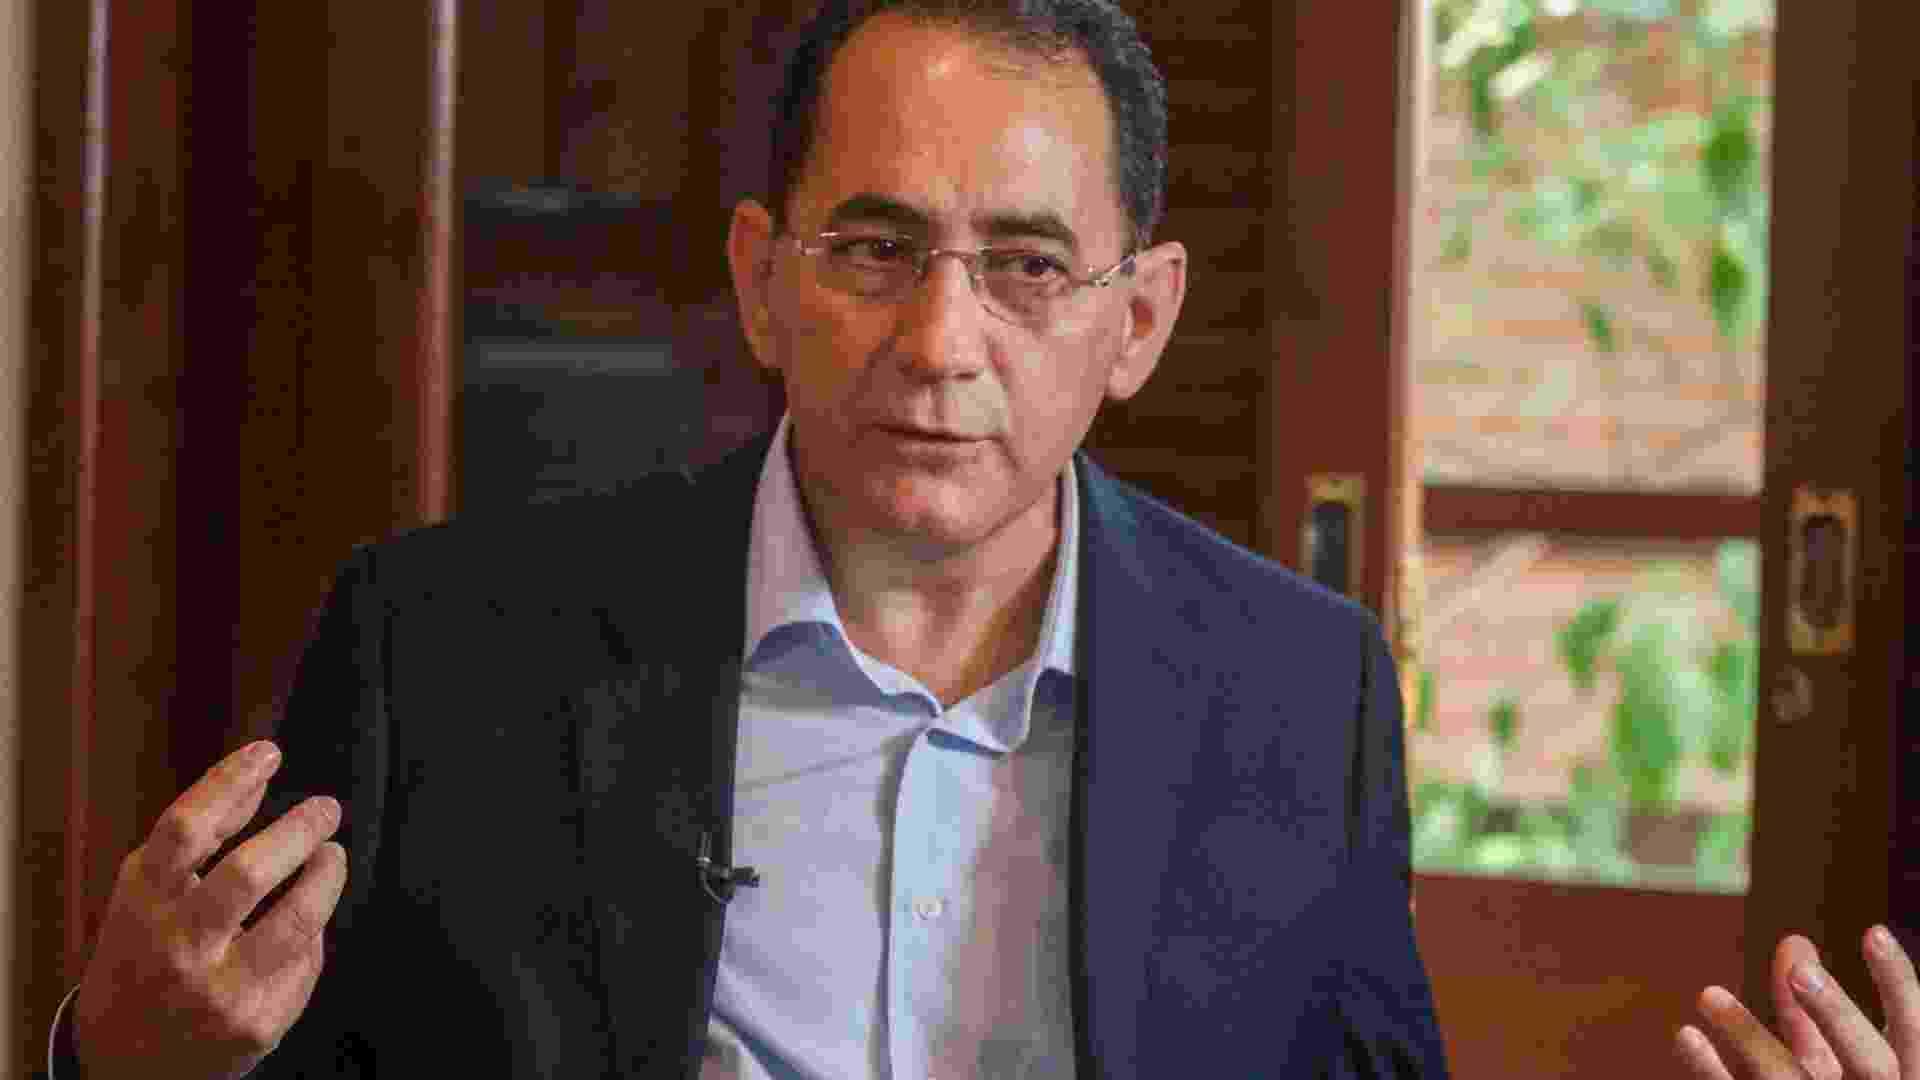 João Paulo Cunha no Poder e Política - Danilo Verpa 11.dez.2012/Folhapress